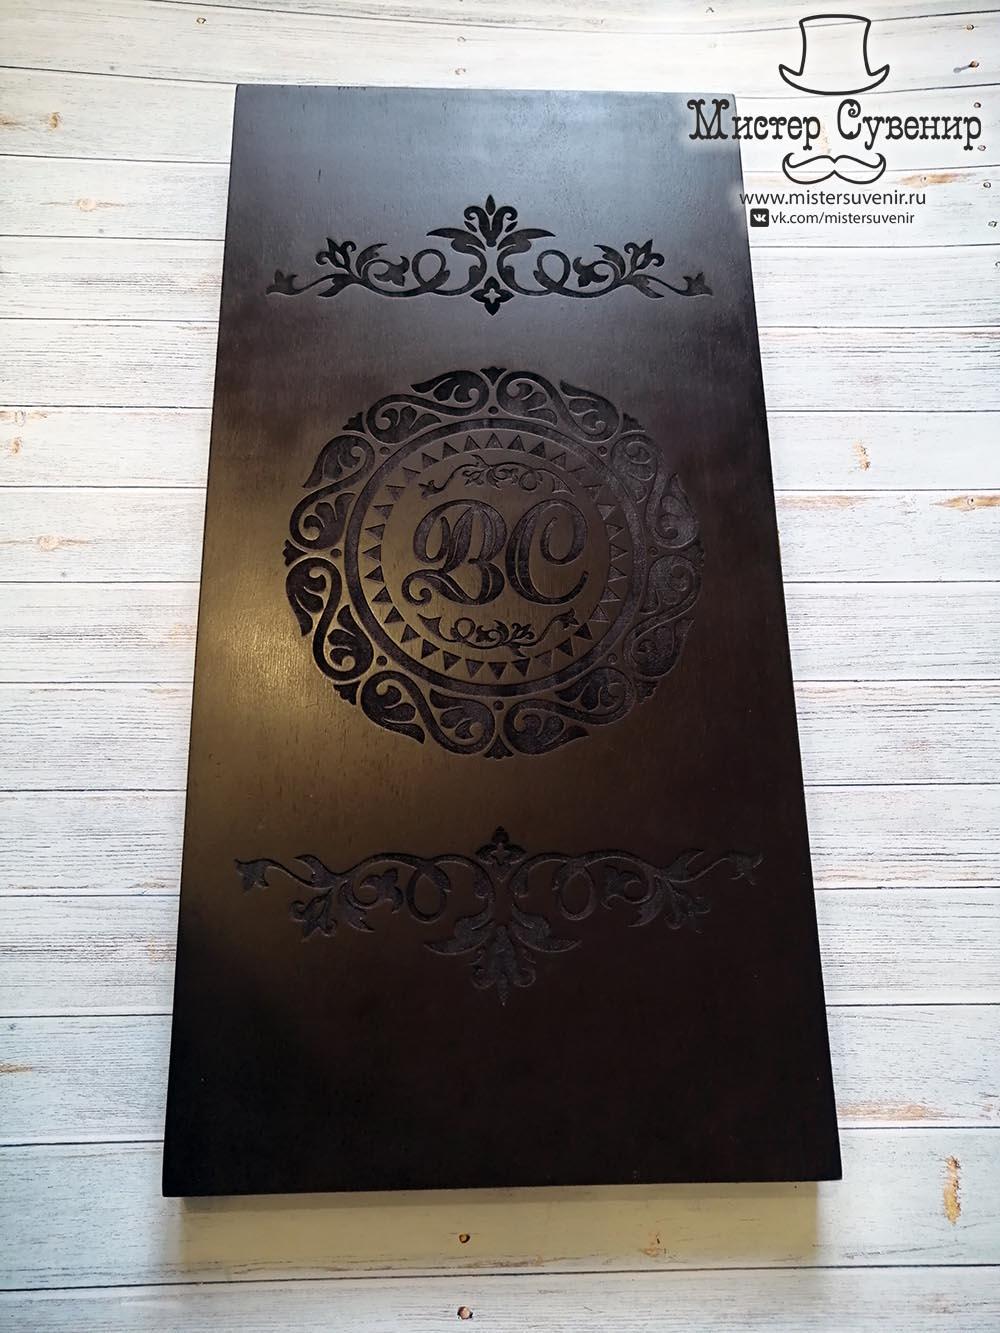 Доска для нард с инициалами владельца